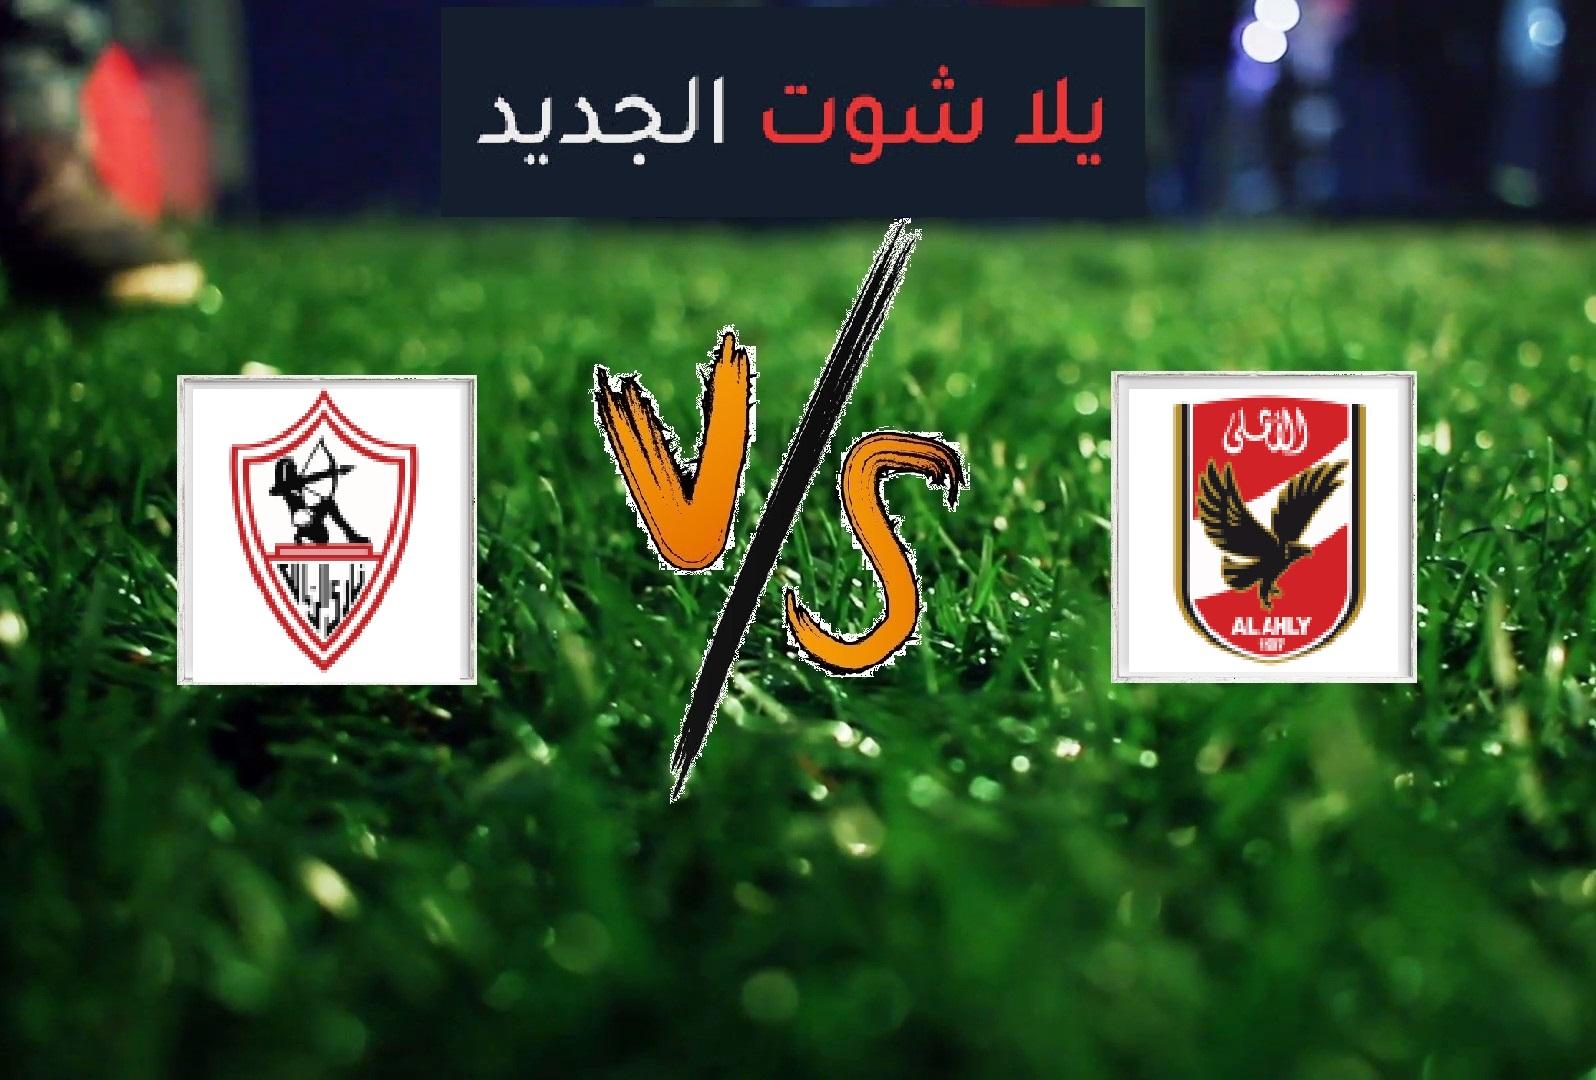 نتيجة مباراة الأهلي والزمالك بتاريخ 20-02-2020 كأس السوبر المصري